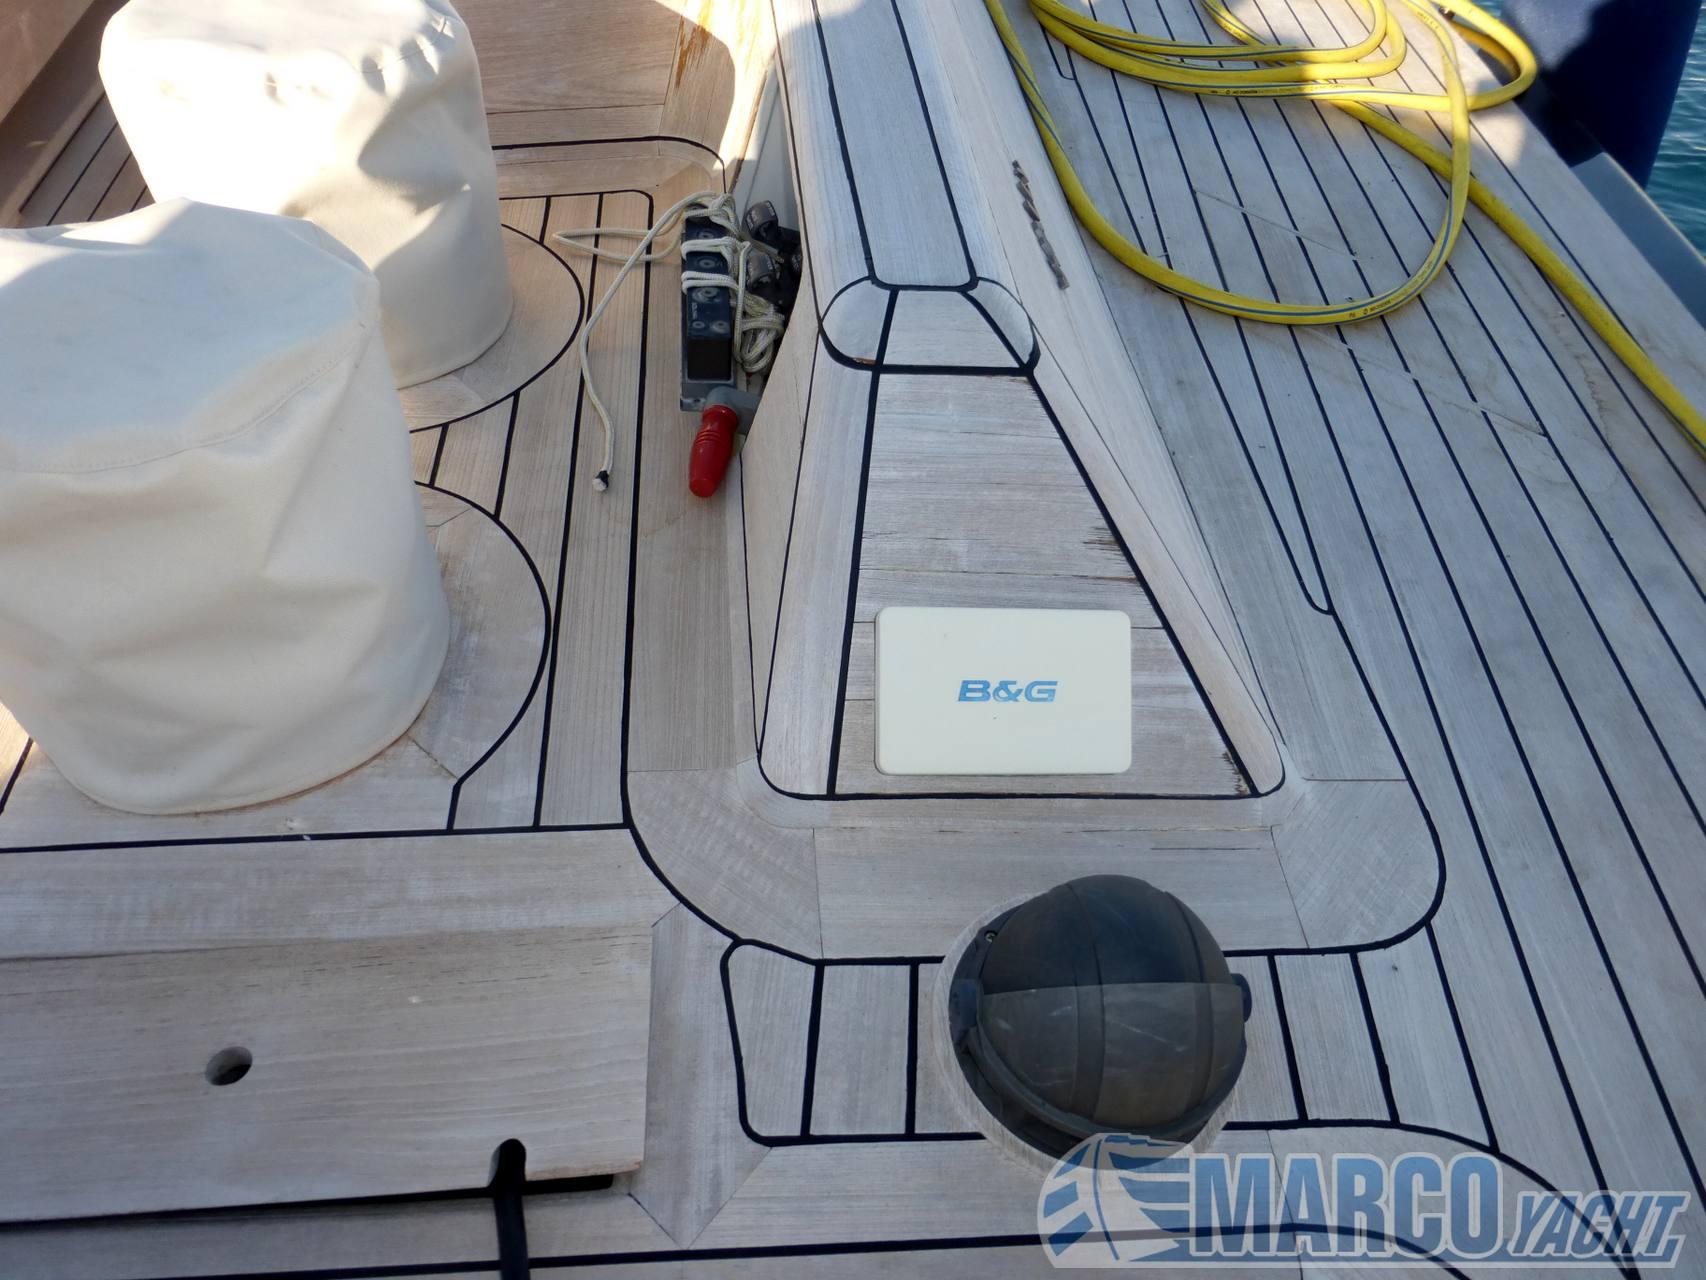 Wally 77 Sail cruiser used